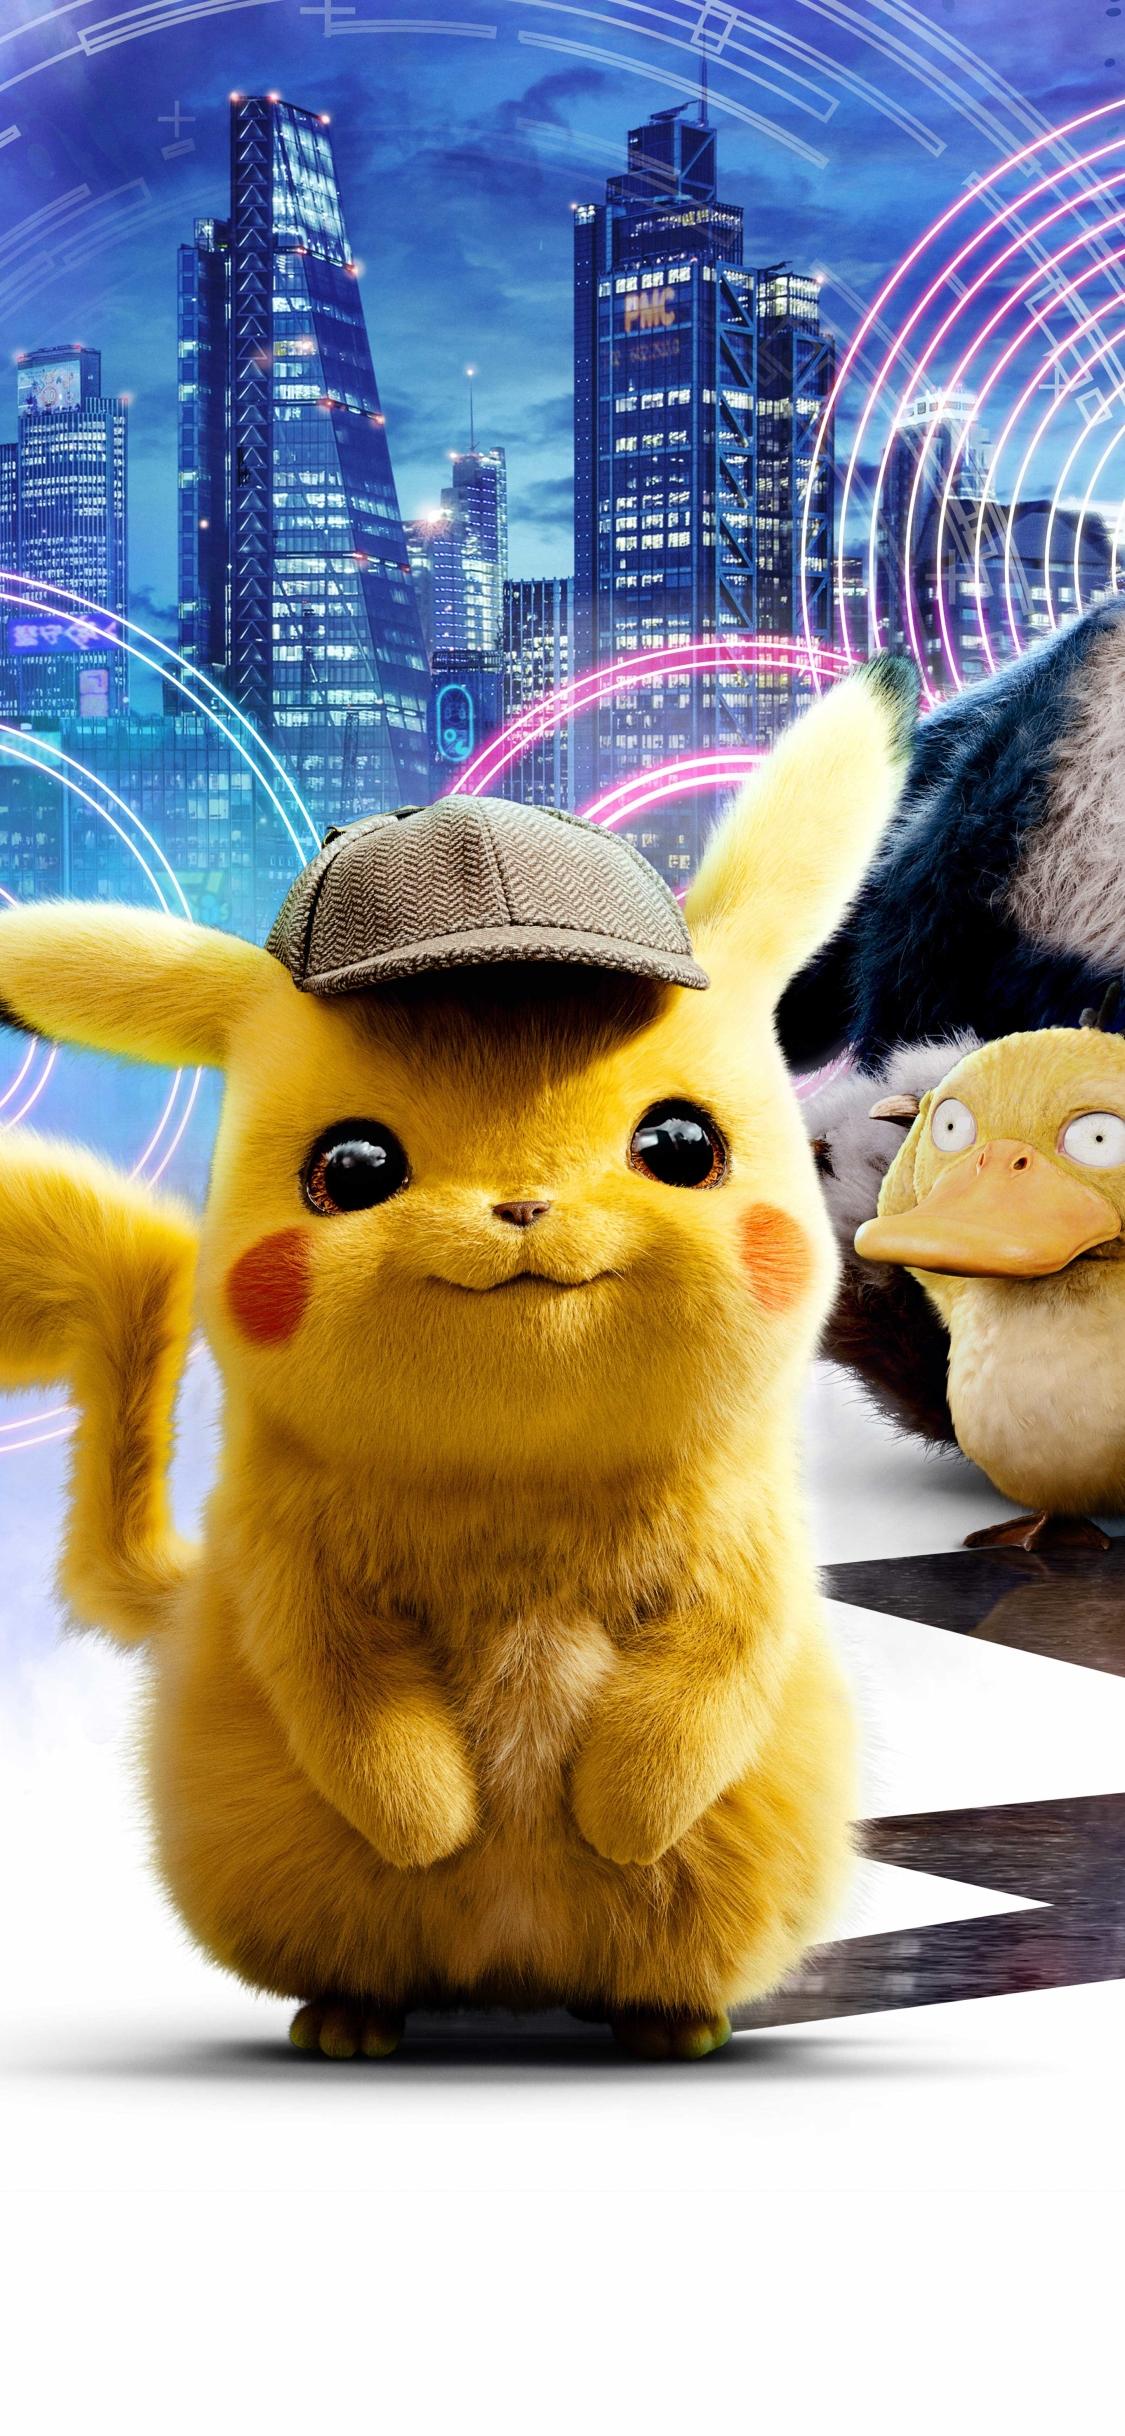 Iphone Pikachu Wallpaper Hd 1125x2436 Download Hd Wallpaper Wallpapertip